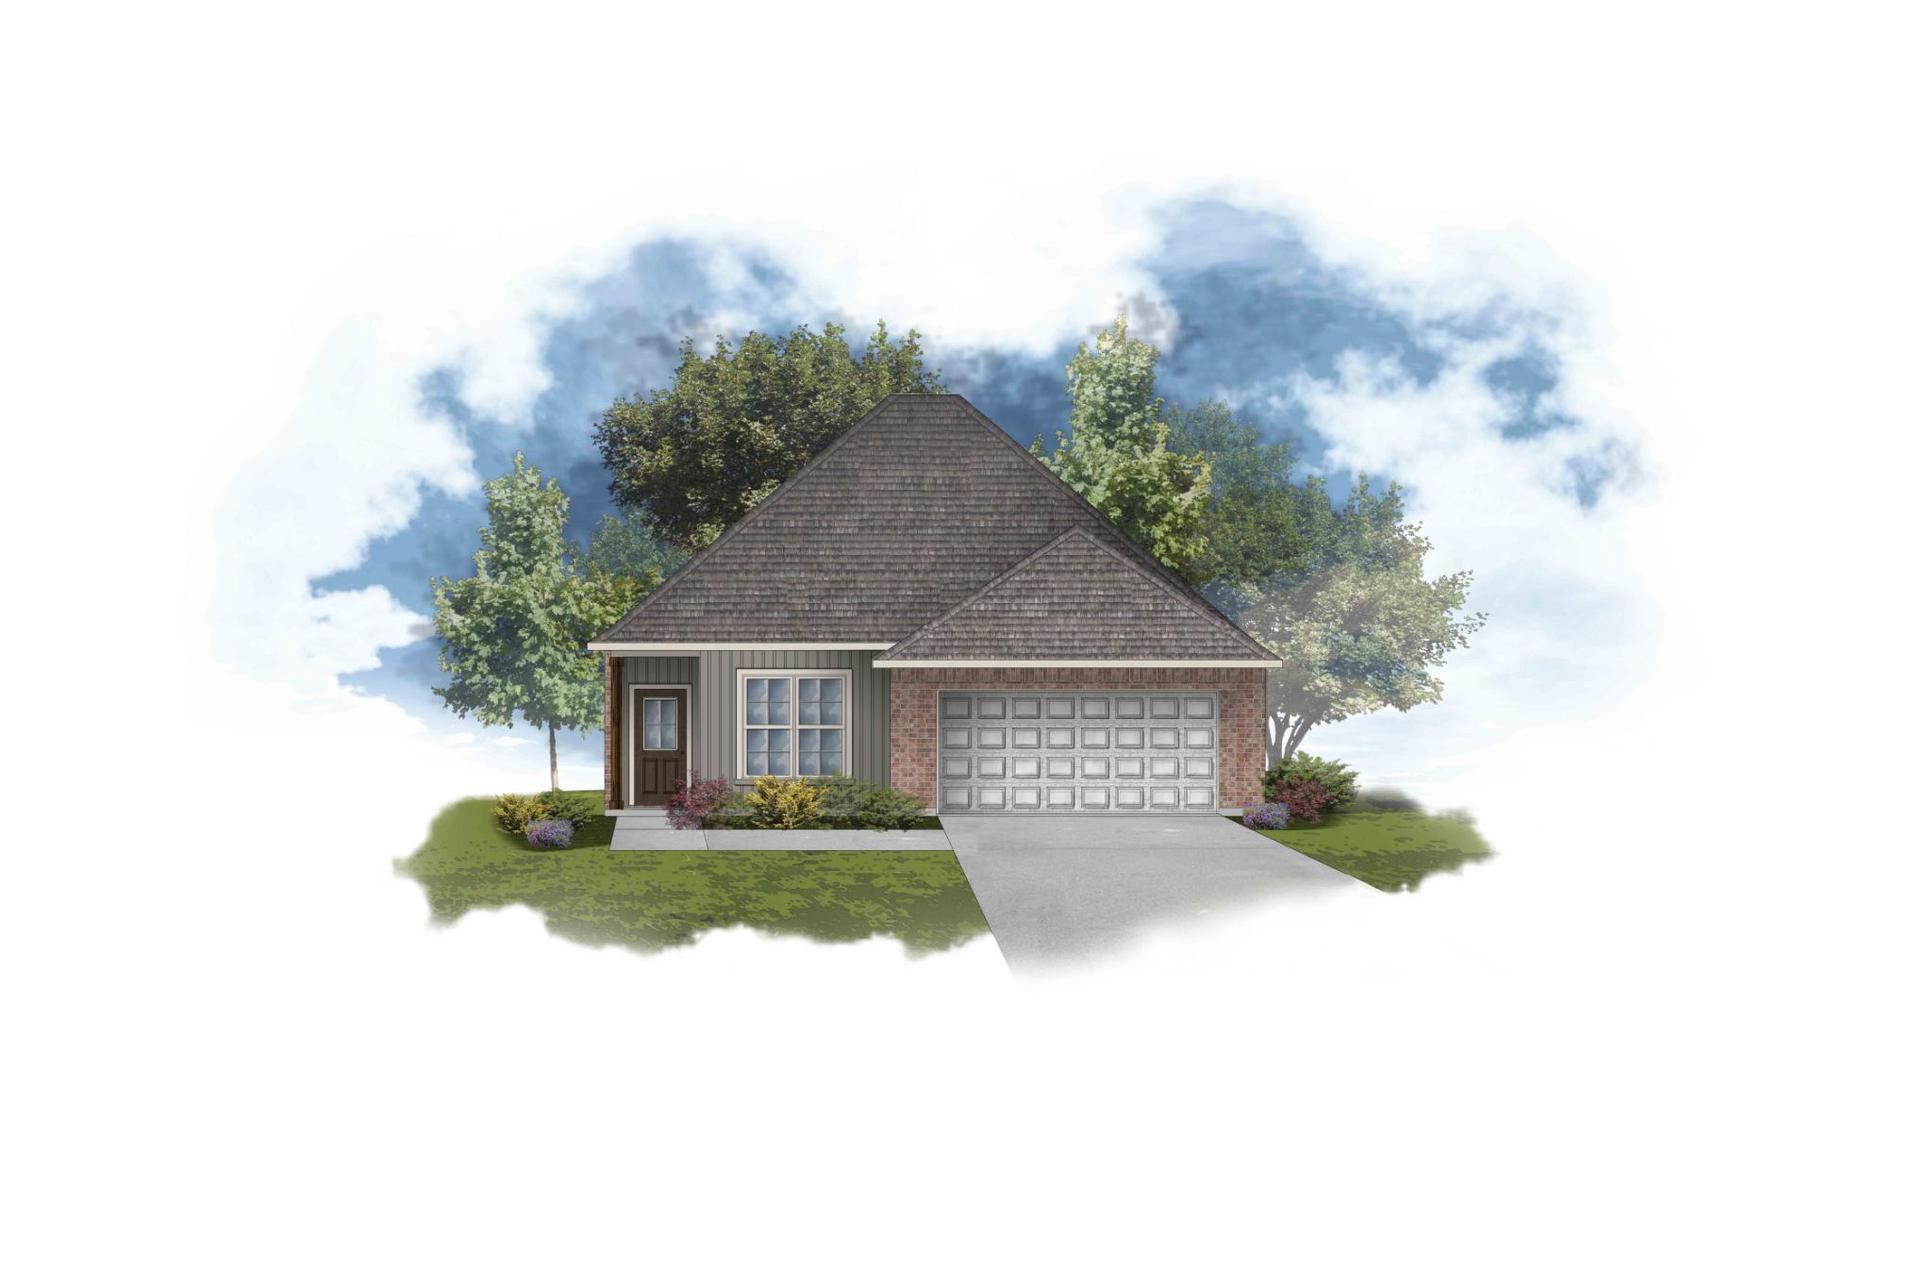 Banbury III H Open Floor Plan - DSLD Homes